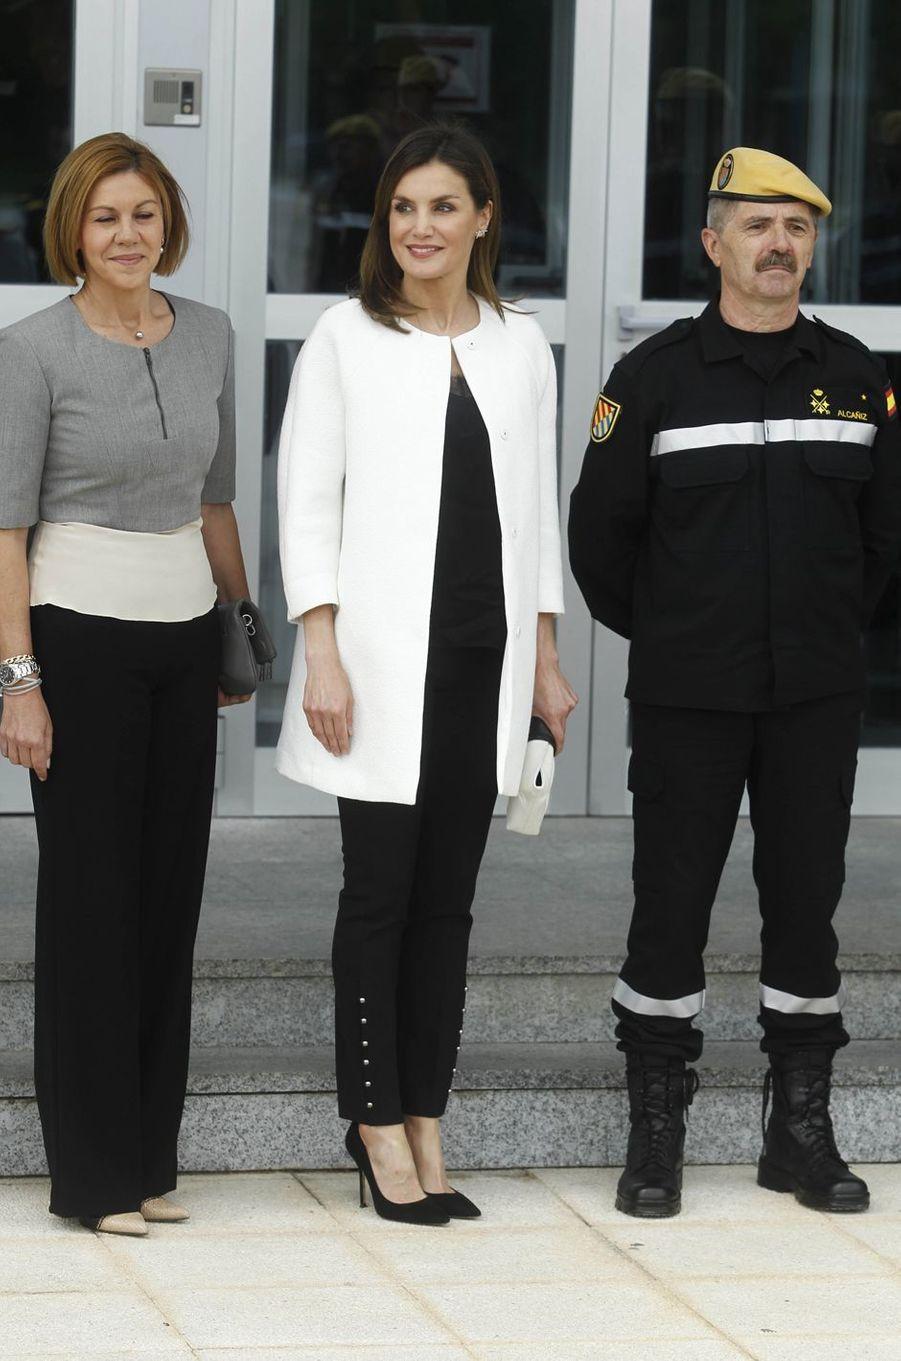 La reine Letizia d'Espagne, en black & white, à la base aérienne de Torrejón de Ardoz le 18 mai 2018